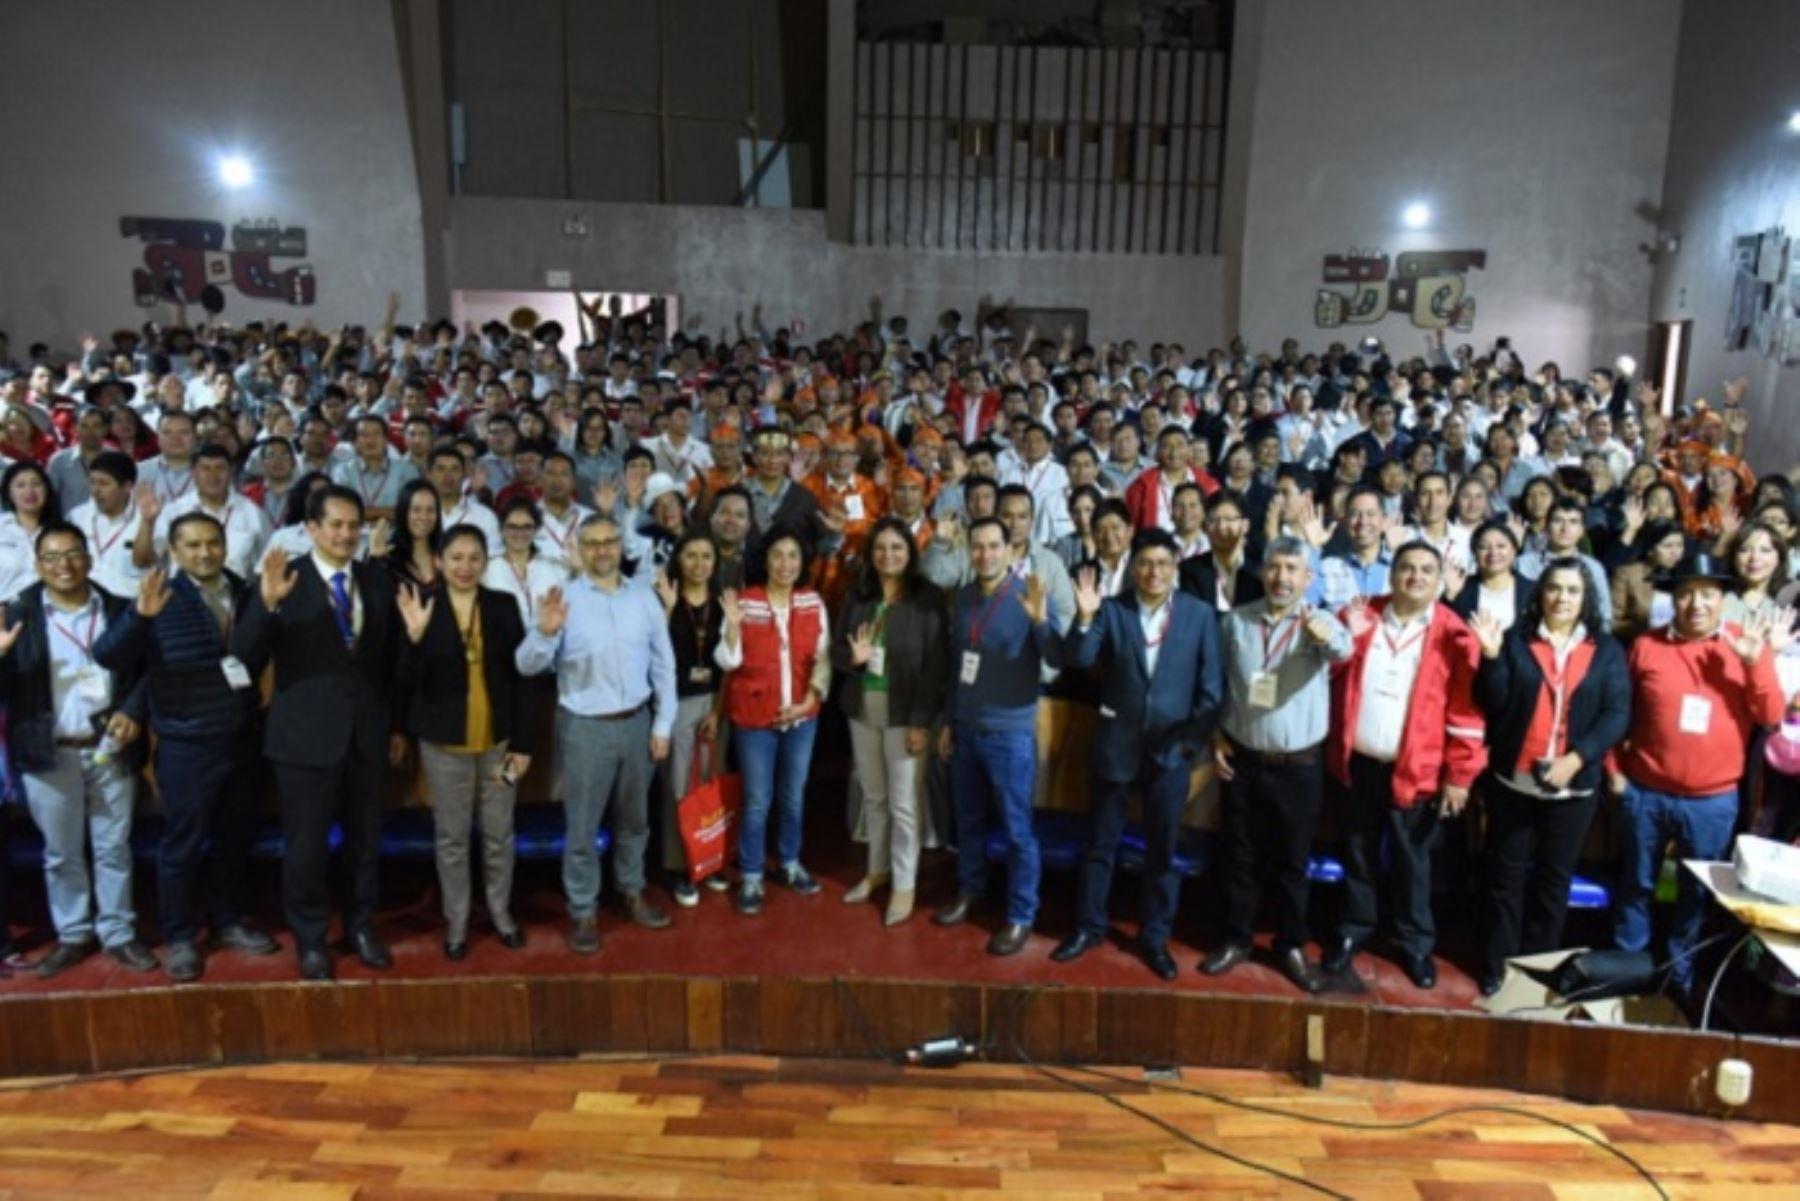 La viceministra de Prestaciones Sociales del Midis, Patricia Balbuena, inauguró en Huamanga el taller de inducción para la Certificación a Servidores Públicos Bilingües, en el que participan gestores locales de Juntos provenientes de Ayacucho, Apurímac, Ancash, Pasco, Junín, Huánuco y Lima Provincias.